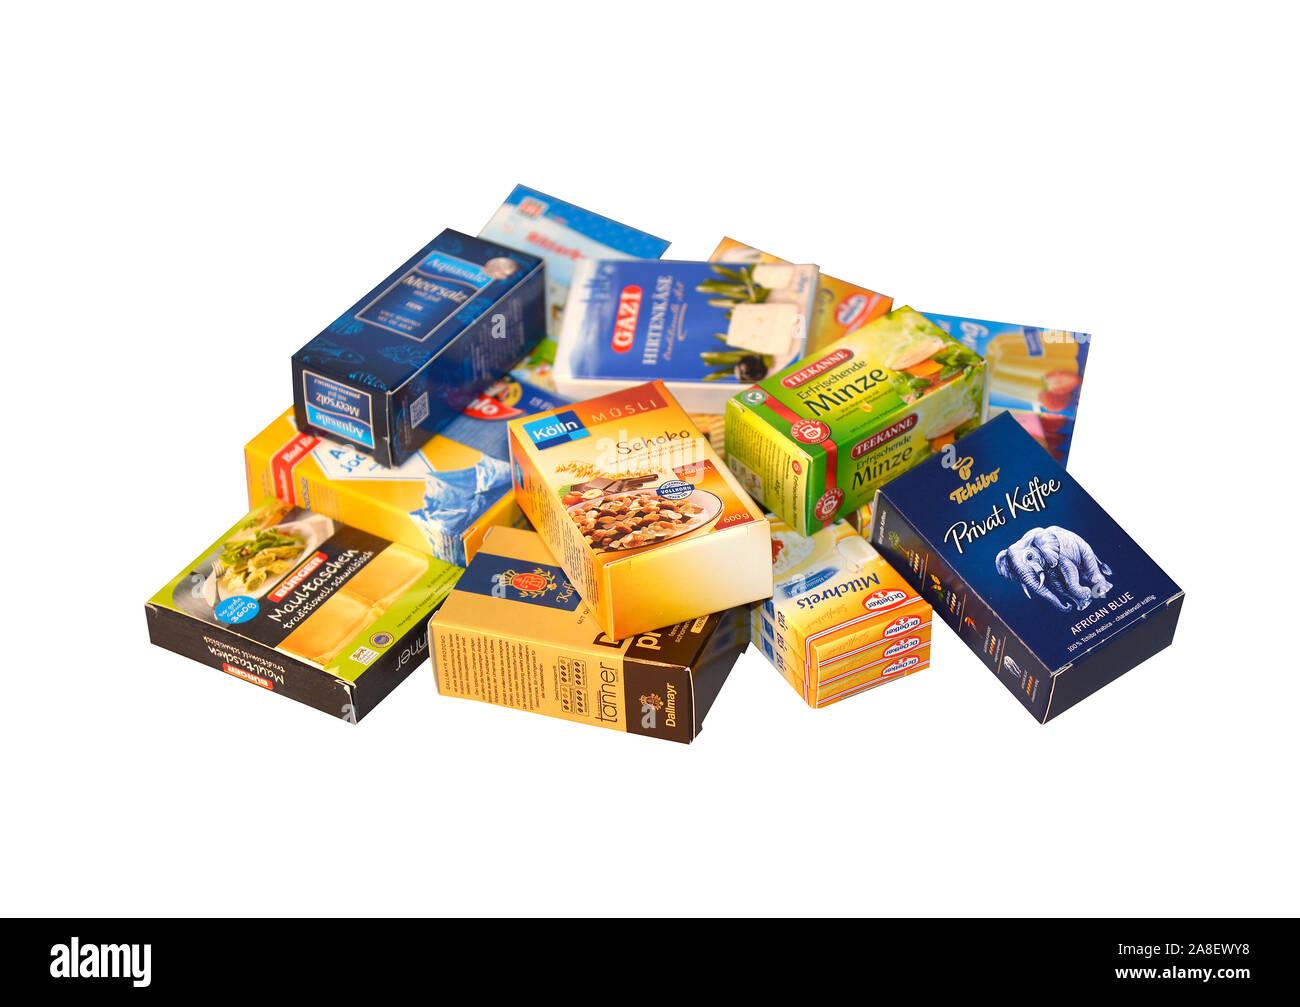 Kartons, Pappkartons, Verpackungen, Papier, Pappe, Recycling, Wertstoffe, warten auf Abholung durch Recycling Firma, Stock Photo